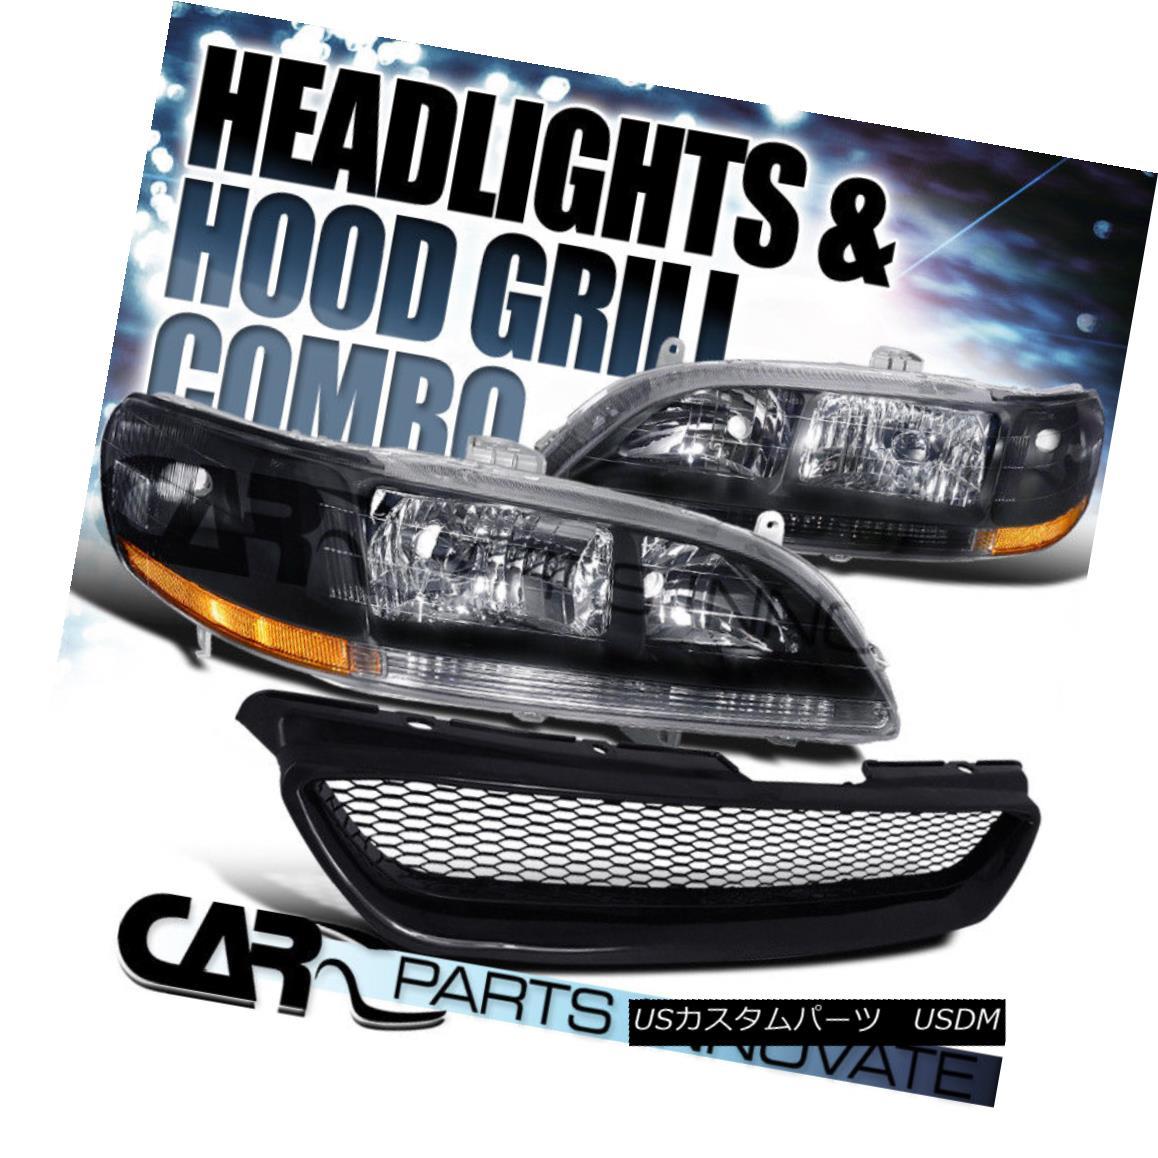 グリル For Honda 98-02 Accord 2Dr Coupe Black Crystal Headlight+Mesh Type Hood Grille R ホンダ98-02アコード2Drクーペブラッククリスタルヘッドライト+メッシュタイプフードグリルR